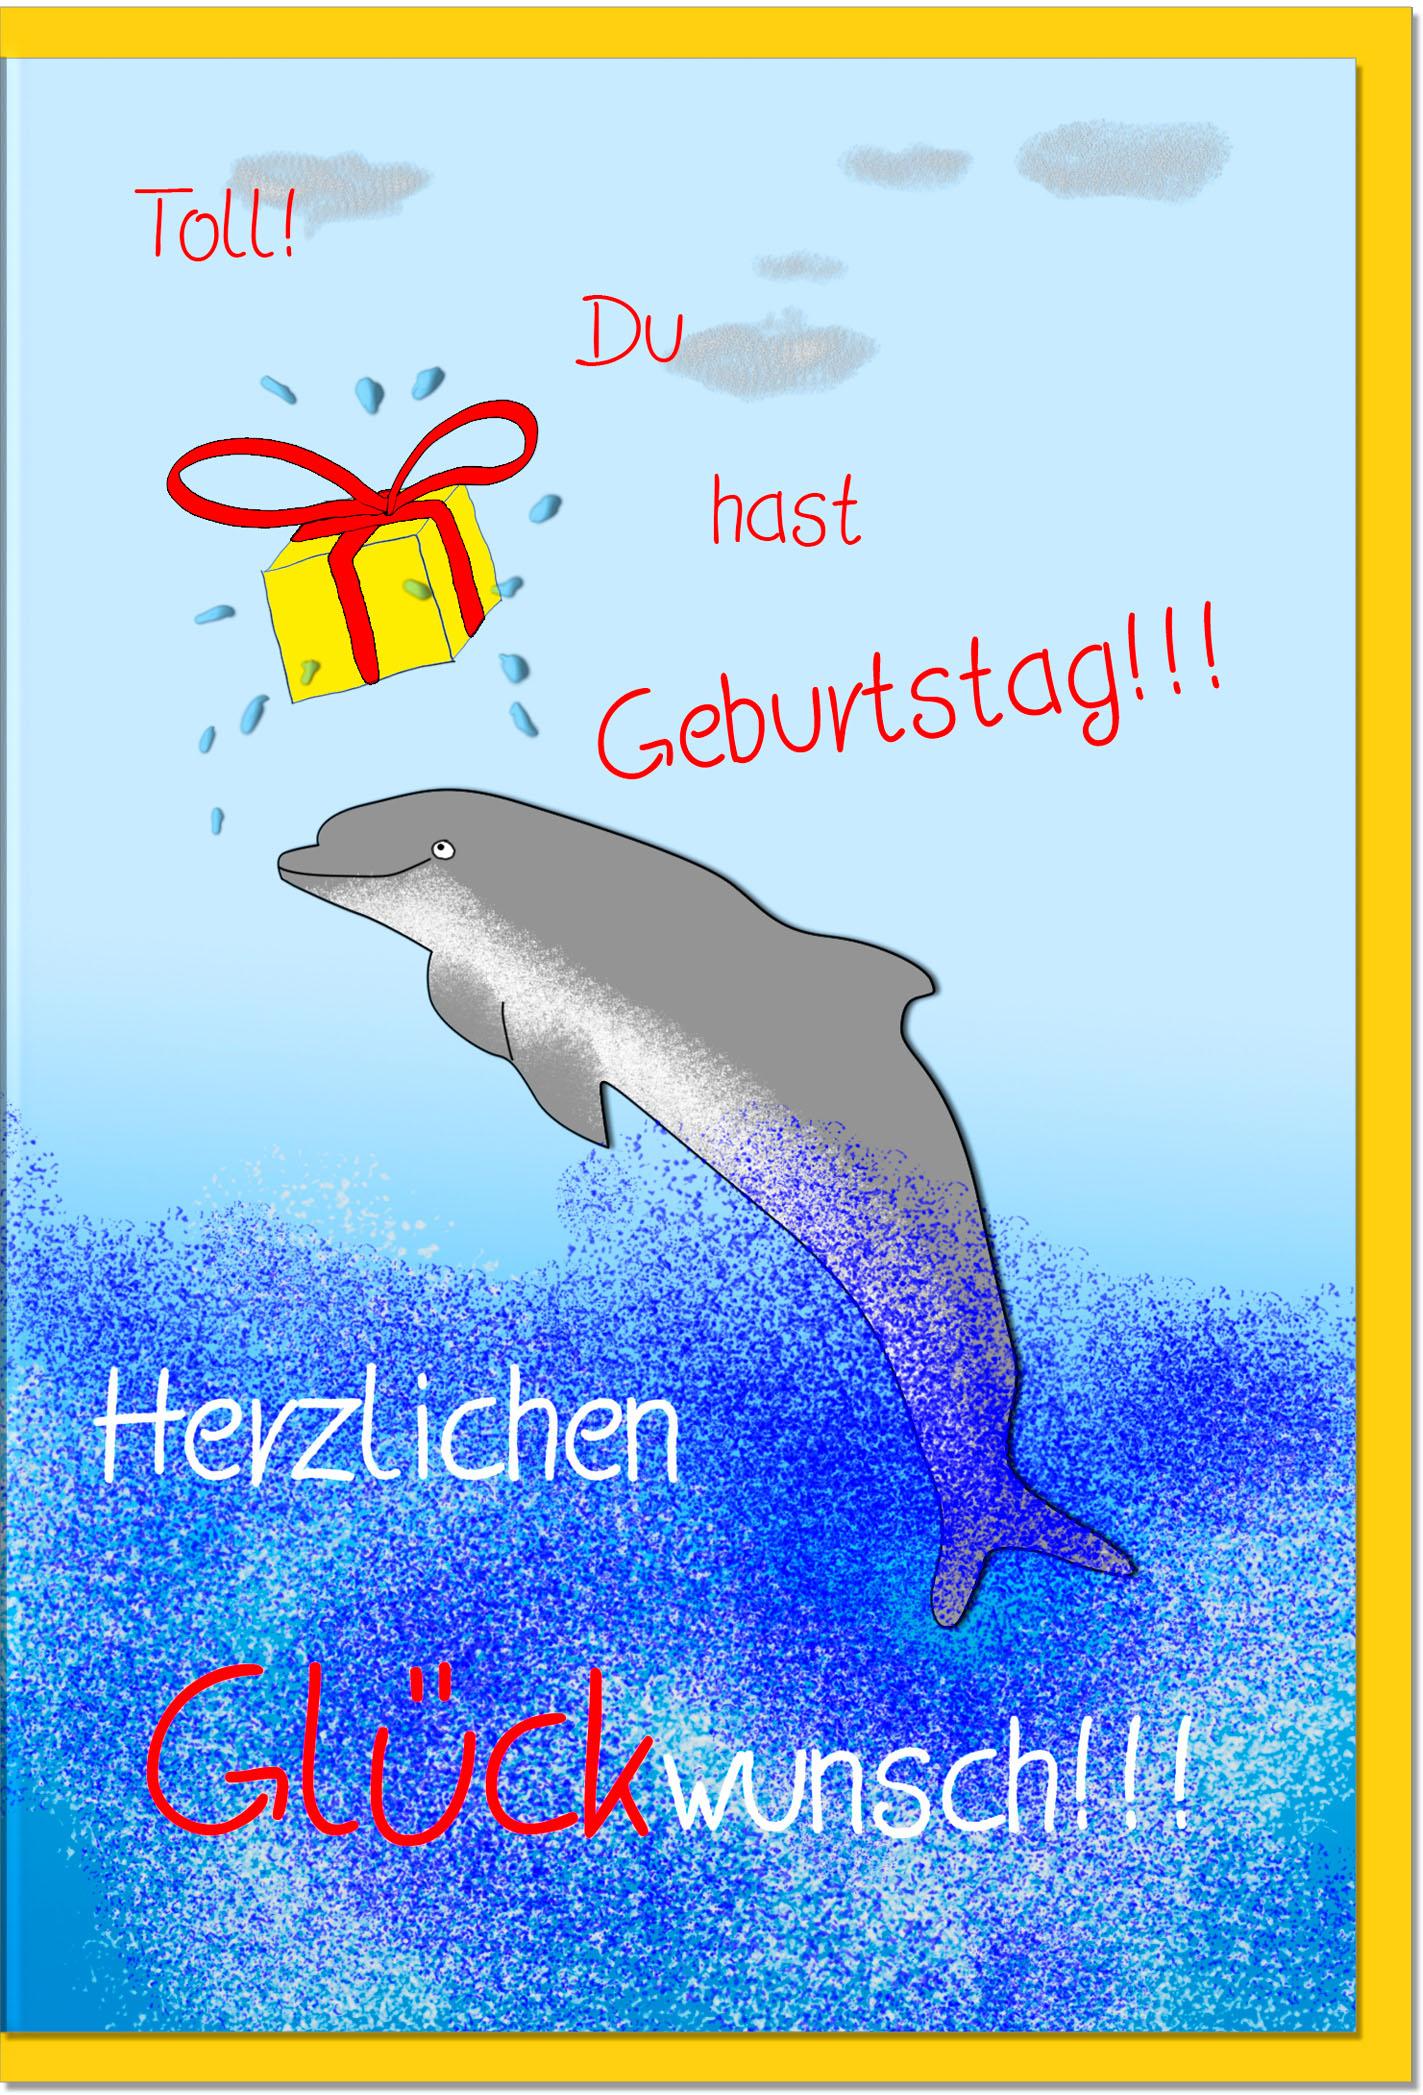 Geburtstagskarten / Grußkarten /Geburtstag Delfin